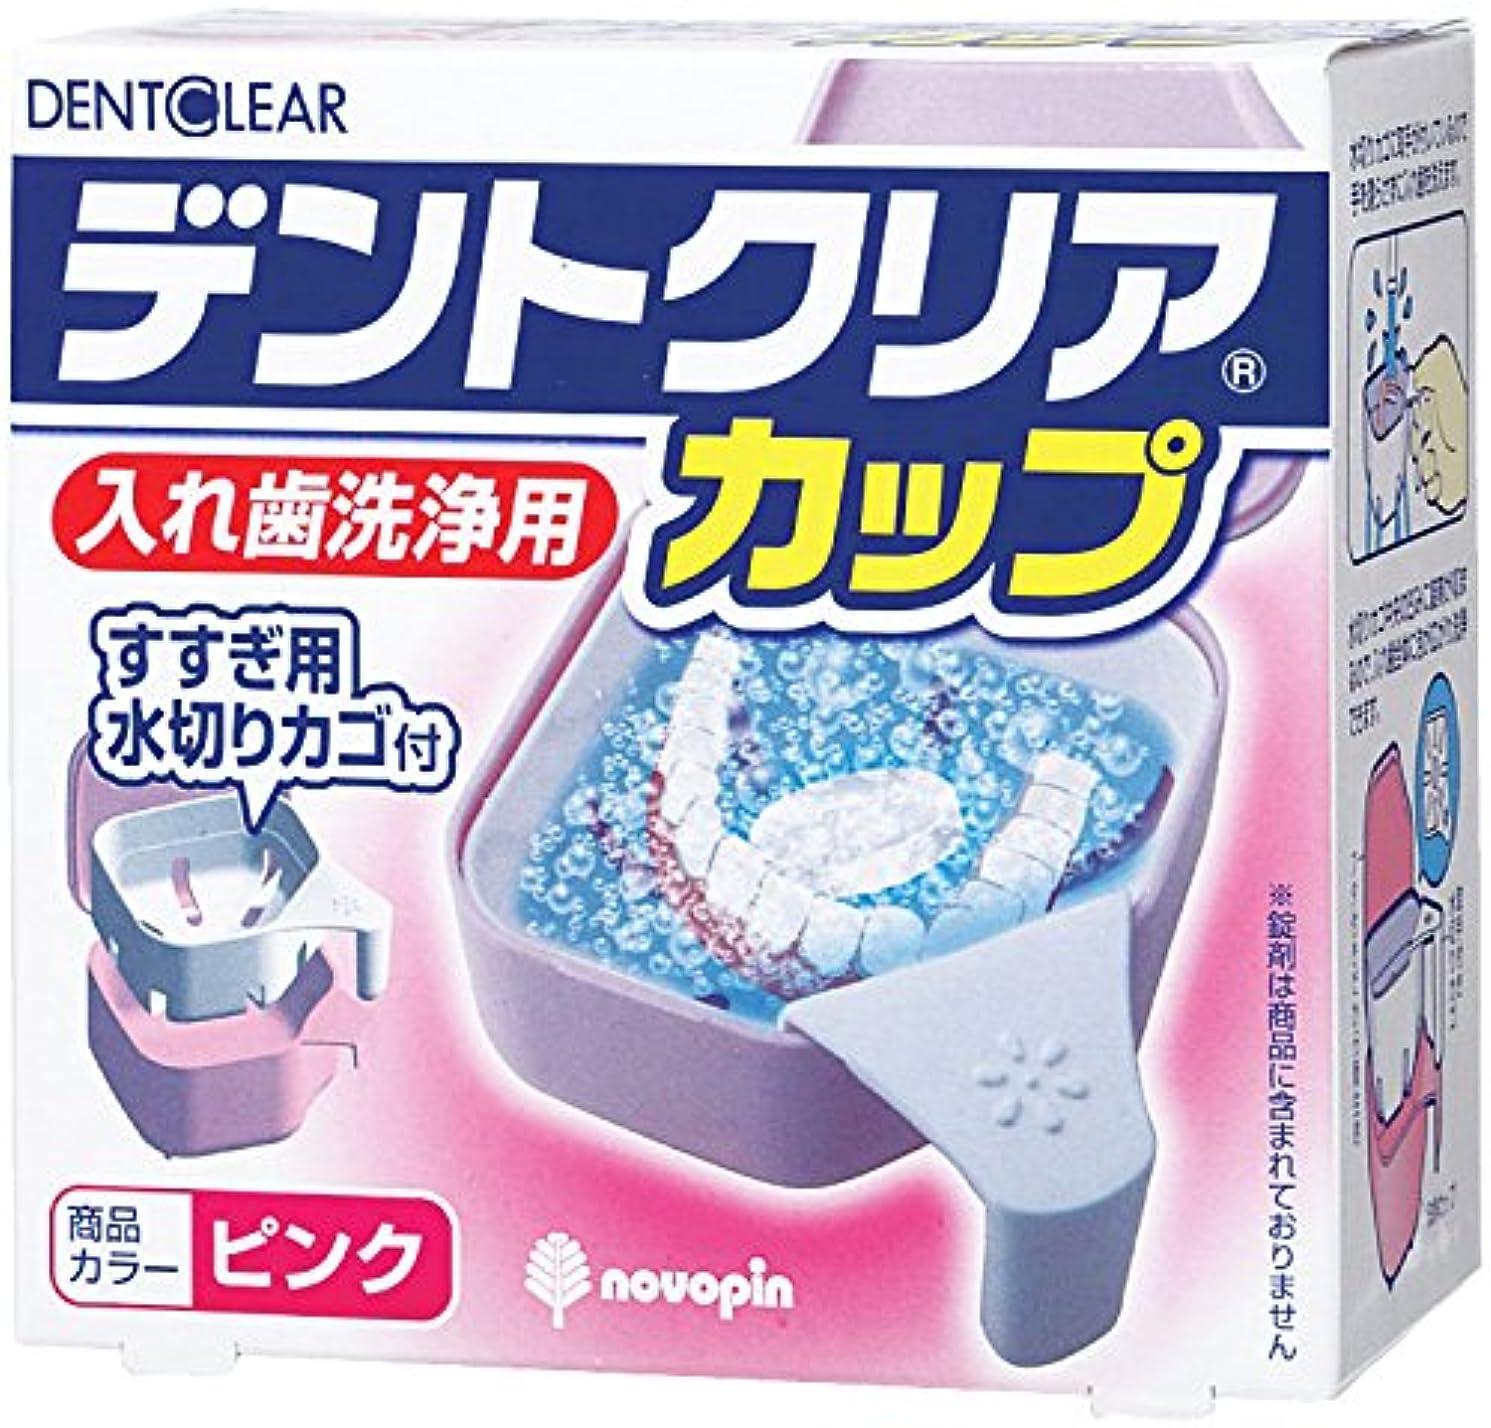 二次ビスケットマントル紀陽除虫菊 入れ歯洗浄ケース デントクリア カップ (水切りカゴ付) ピンク